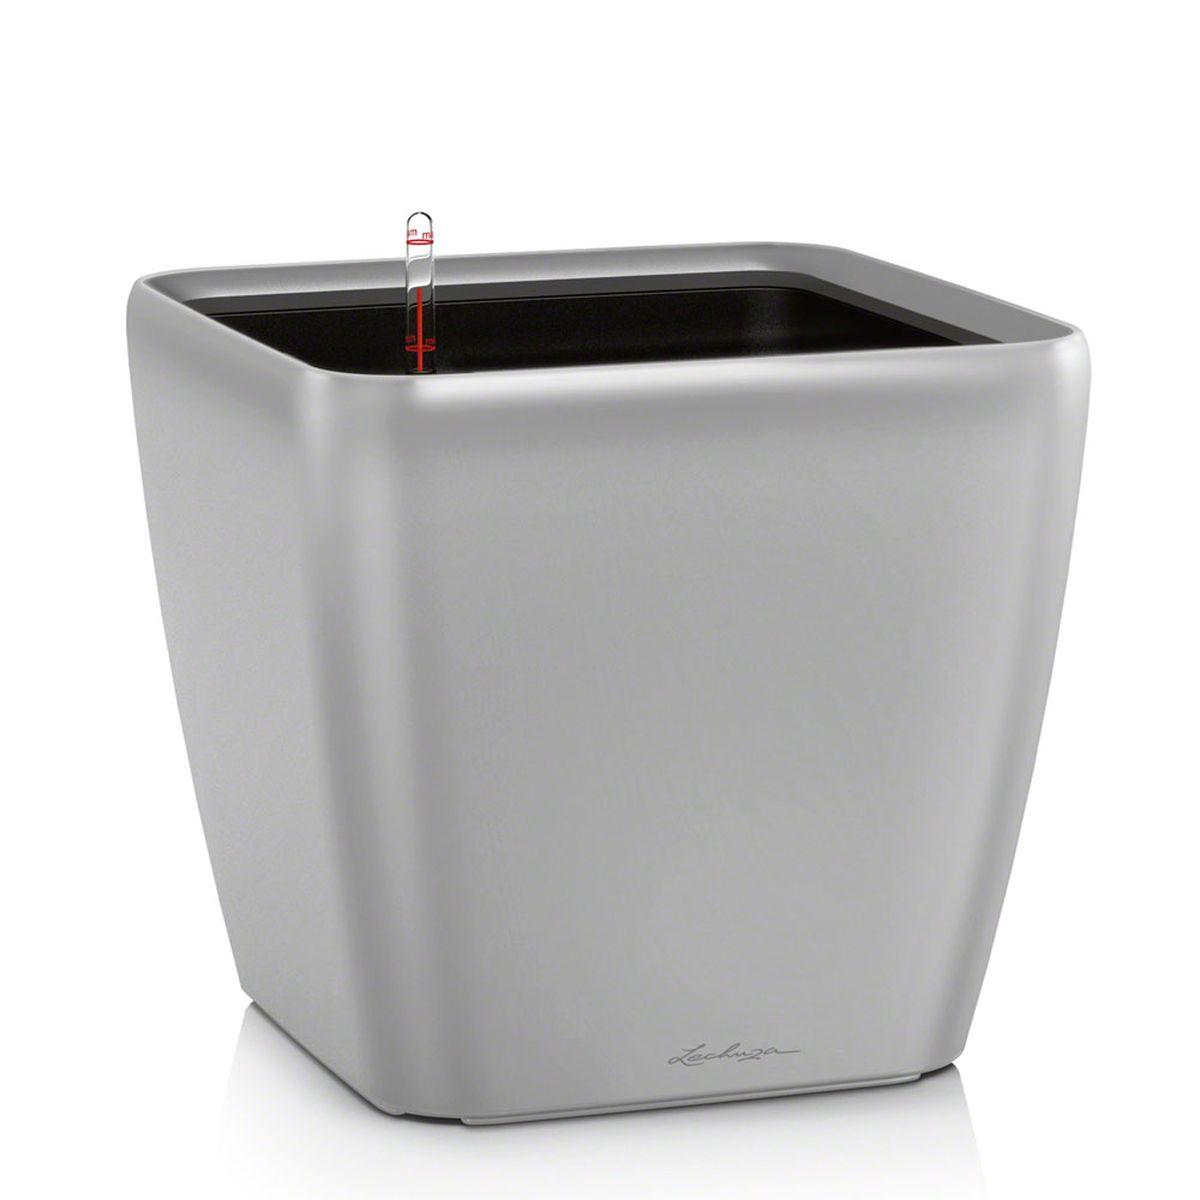 Кашпо Lechuza Quadro, с системой автополива, цвет: серебристый, 21 х 21 х 20 см16128Кашпо Lechuza Quadro, выполненное из высококачественного пластика, имеет уникальную систему автополива, благодаря которой корневая система растения непрерывно снабжается влагой из резервуара. Уровень воды в резервуаре контролируется с помощью специального индикатора. В зависимости от размера кашпо и растения воды хватает на 2-12 недель. Это способствует хорошему росту цветов и предотвращает переувлажнение. В набор входит: кашпо, внутренний горшок с выдвижной эргономичной ручкой, индикатор уровня воды, вал подачи воды, субстрат растений в качестве дренажного слоя, резервуар для воды. Кашпо Lechuza Quadro прекрасно впишется в любой интерьер. Оно поможет расставить нужные акценты, а также придаст помещению вид, соответствующий вашим представлениям.